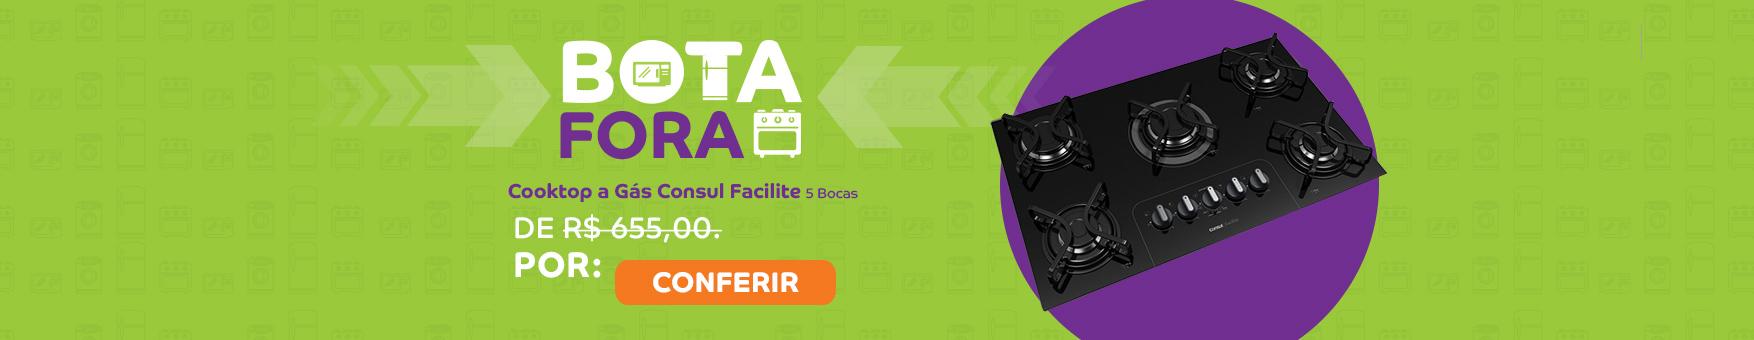 Bota Fora - CD075